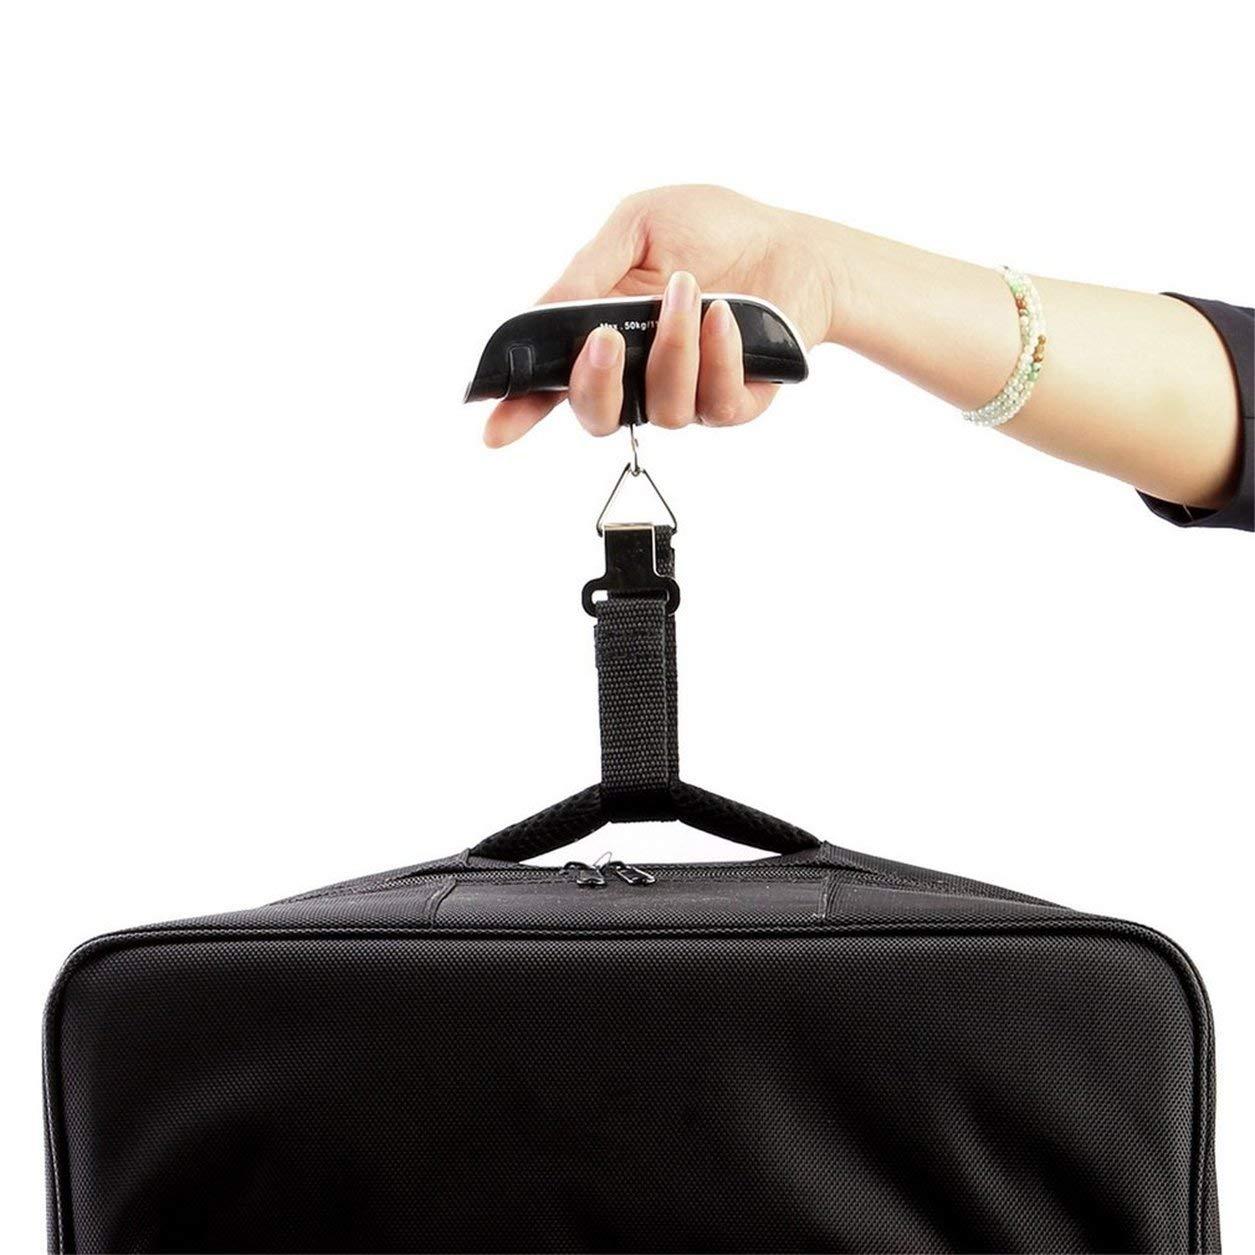 Dailyinshop 50 kg / 110 lb Elektronische LCD Digital Tragbare Gewicht Gewicht Skala Kofferwaage fü r Gepä ck Koffer Reisetasche